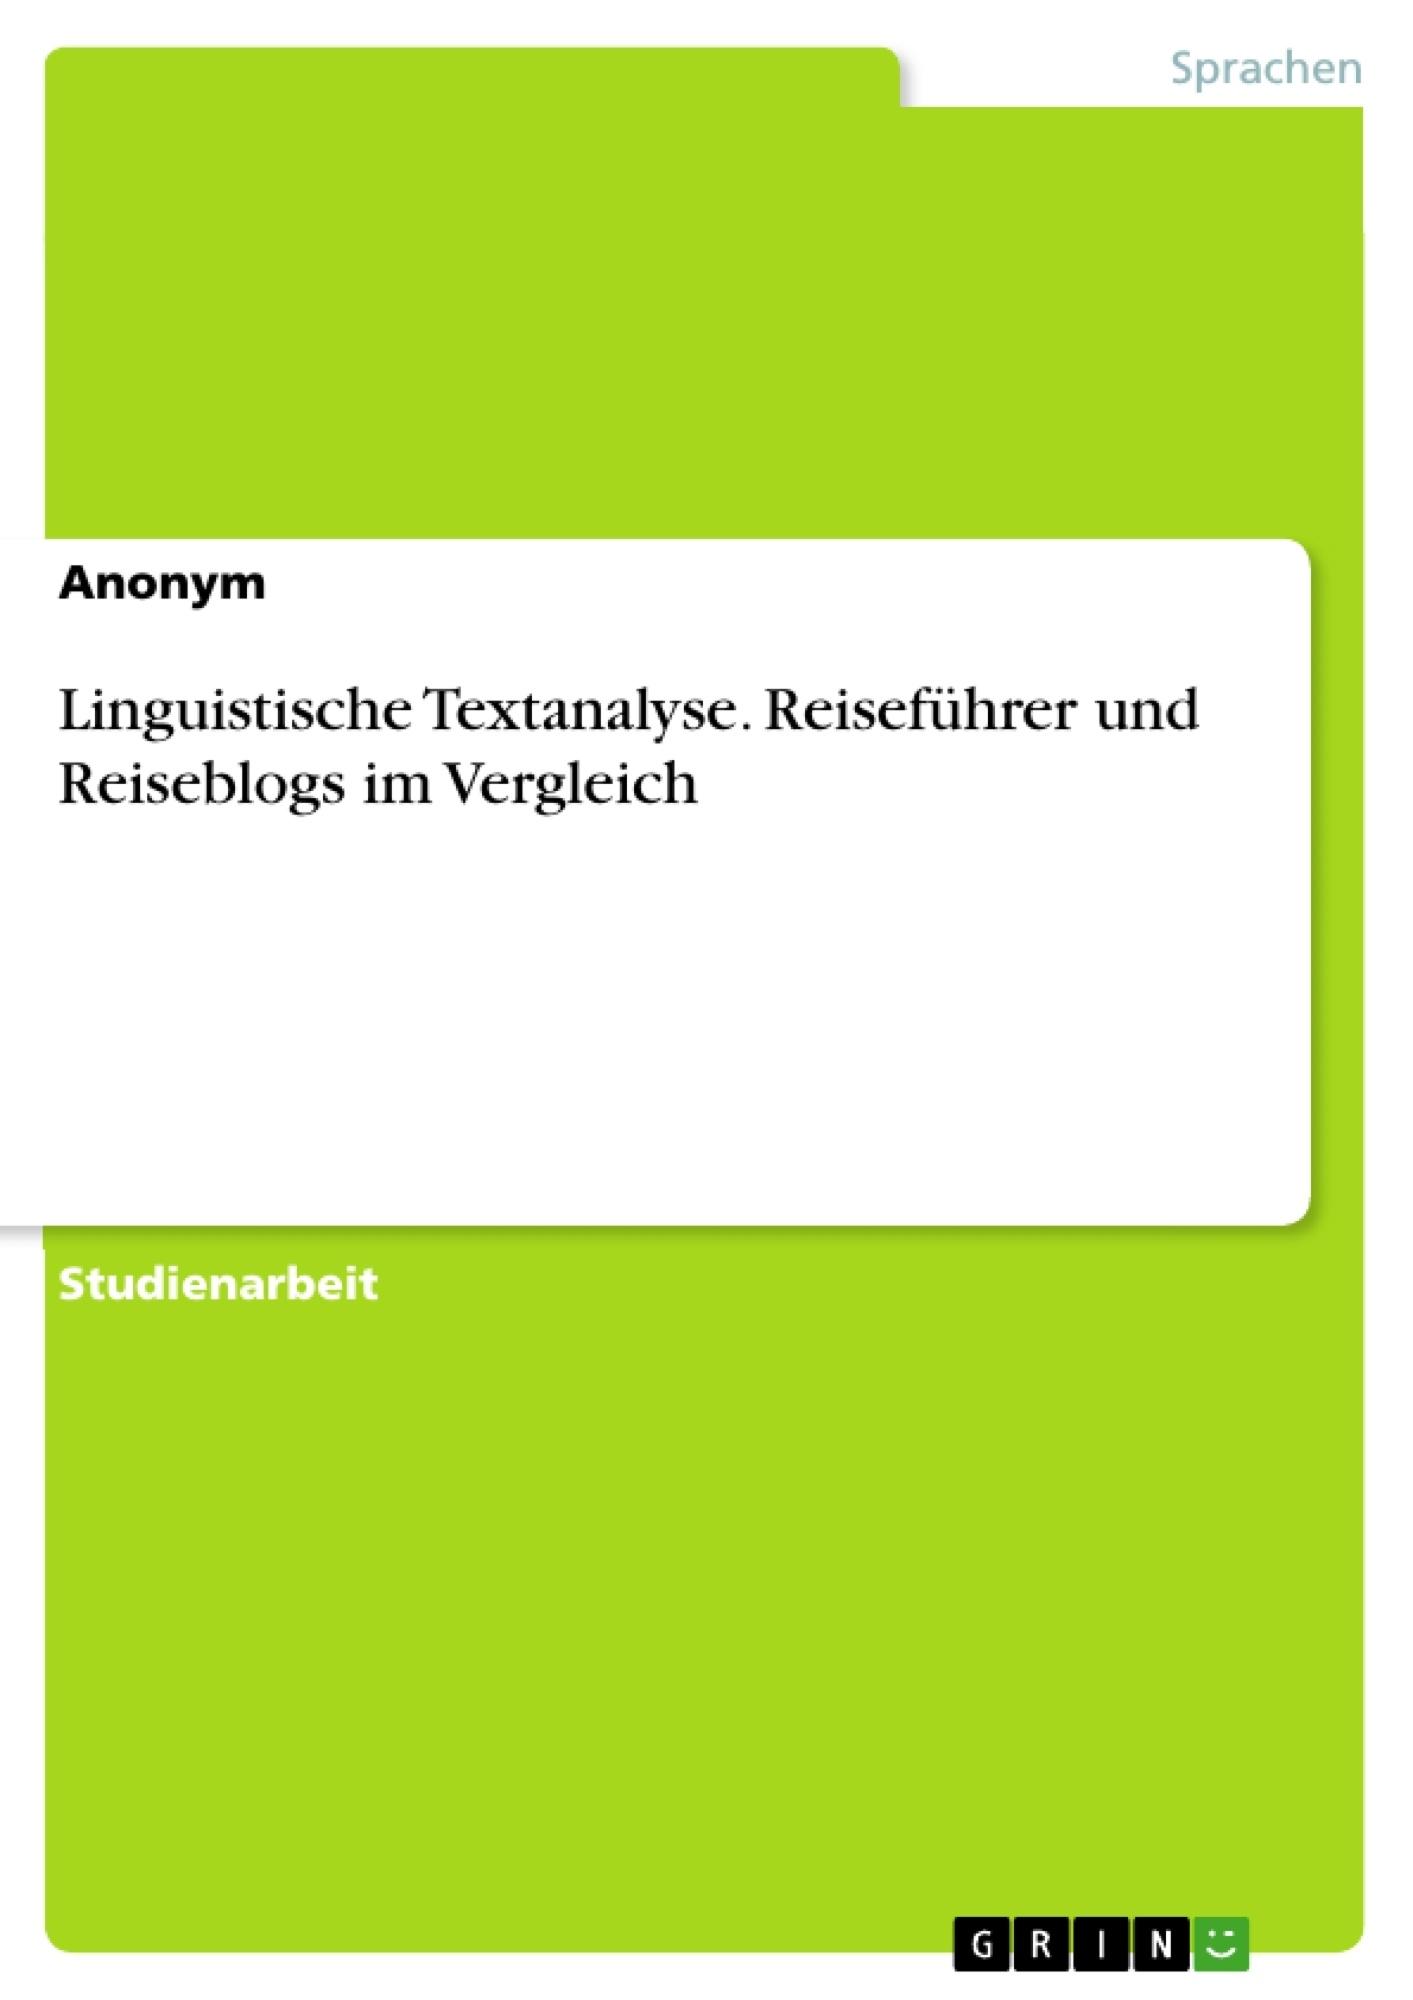 Titel: Linguistische Textanalyse. Reiseführer und Reiseblogs im Vergleich